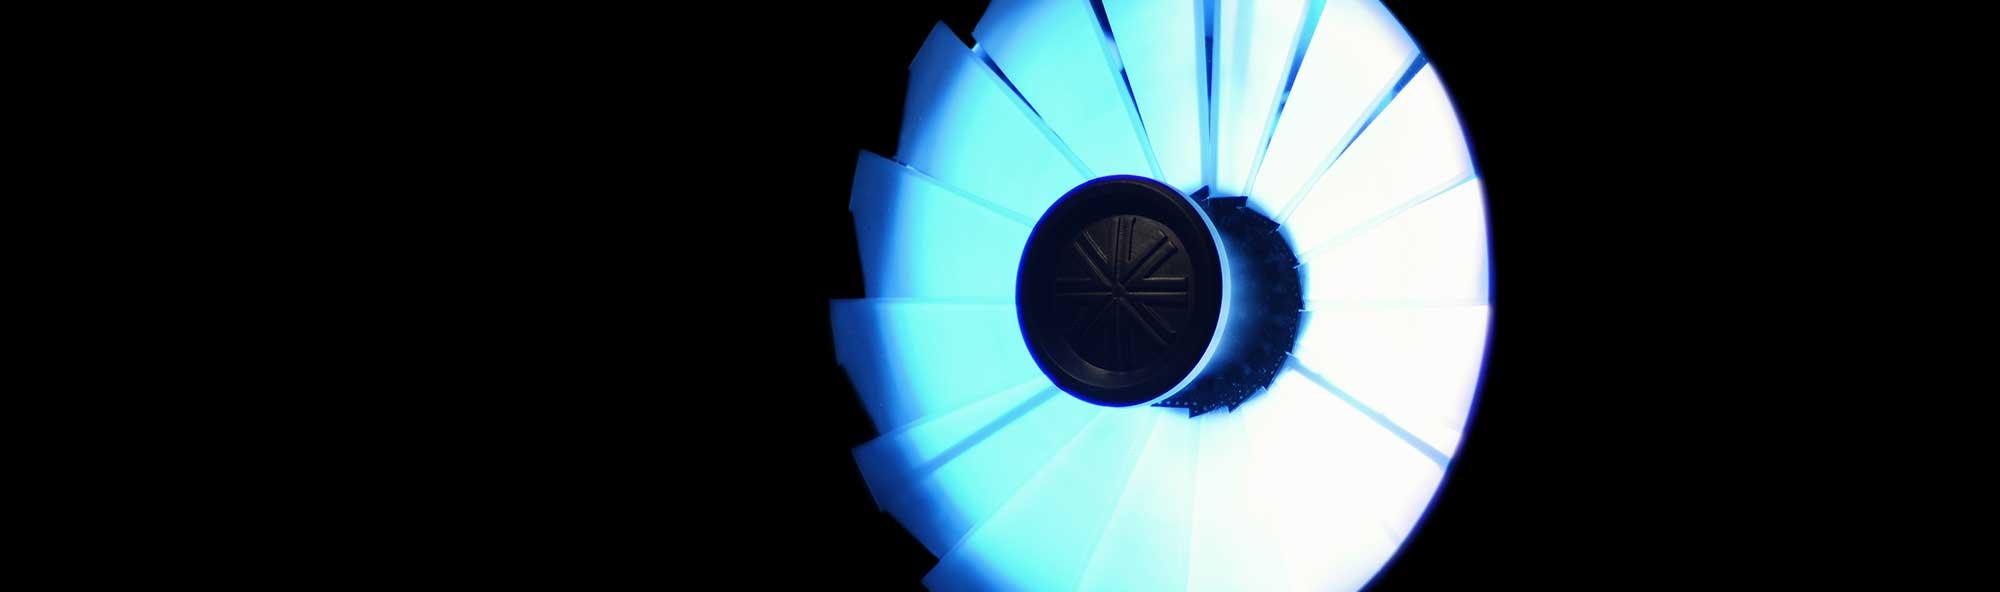 VL6500 Wash Image 1